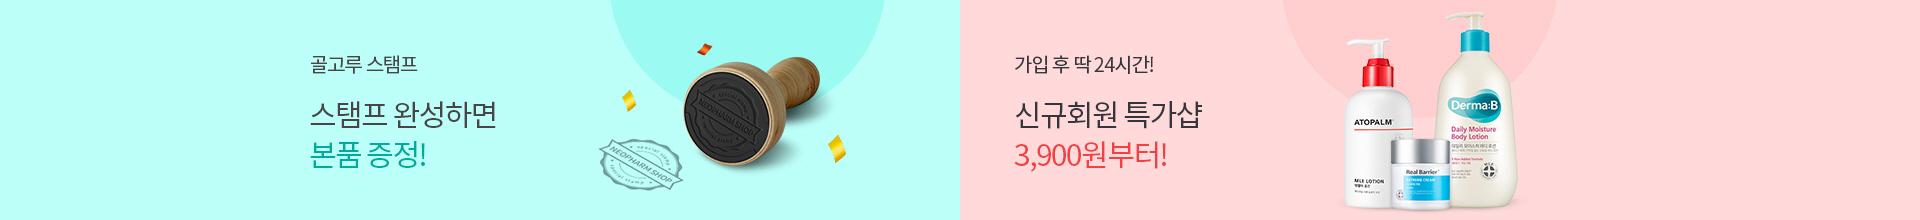 9월_메인 하단 띠배너(스탬프/신규회원특가샵)